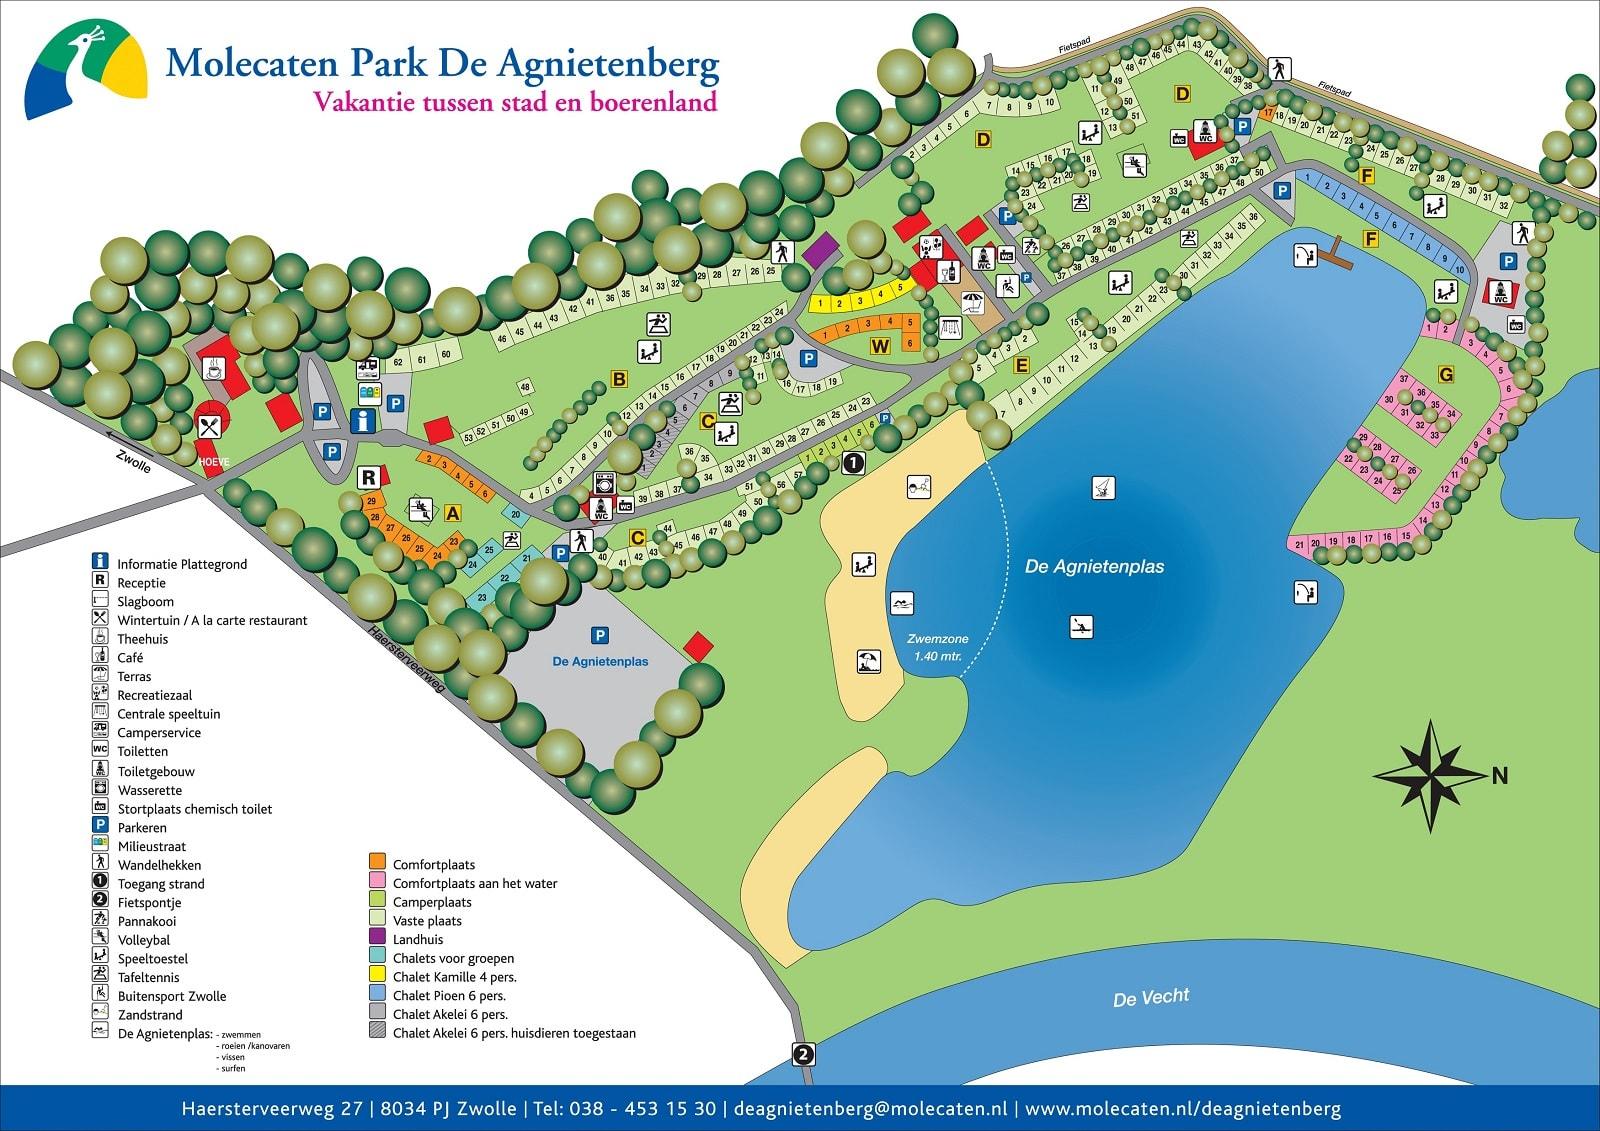 Molecaten Park De Agnietenberg